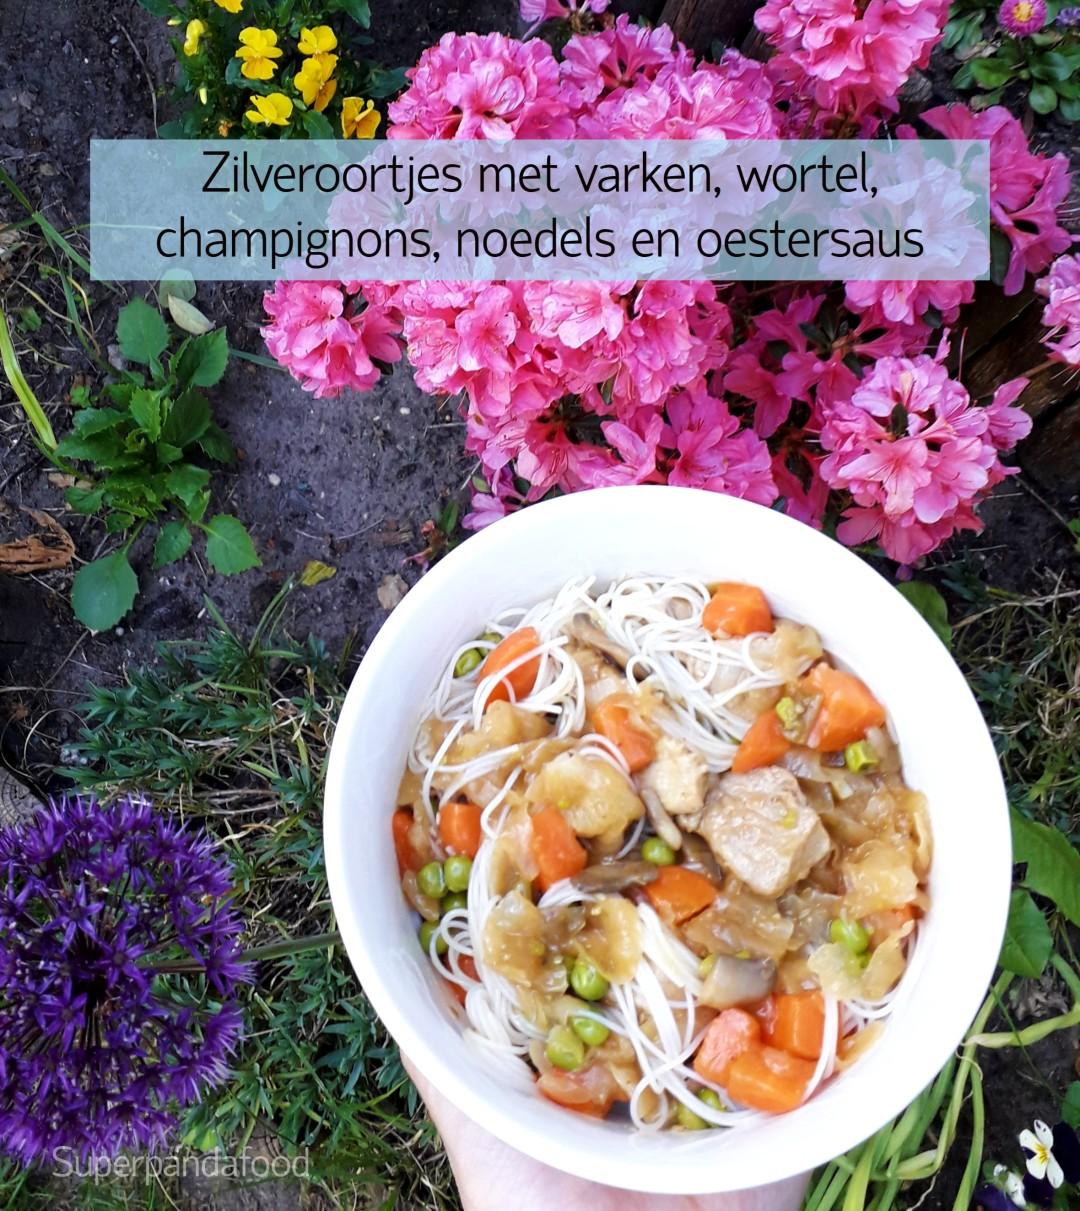 Zilveroortjes met varken, wortel, champignons, noedels en oestersaus - Glutenvrij en lactosevrij - 5-elementen-koken